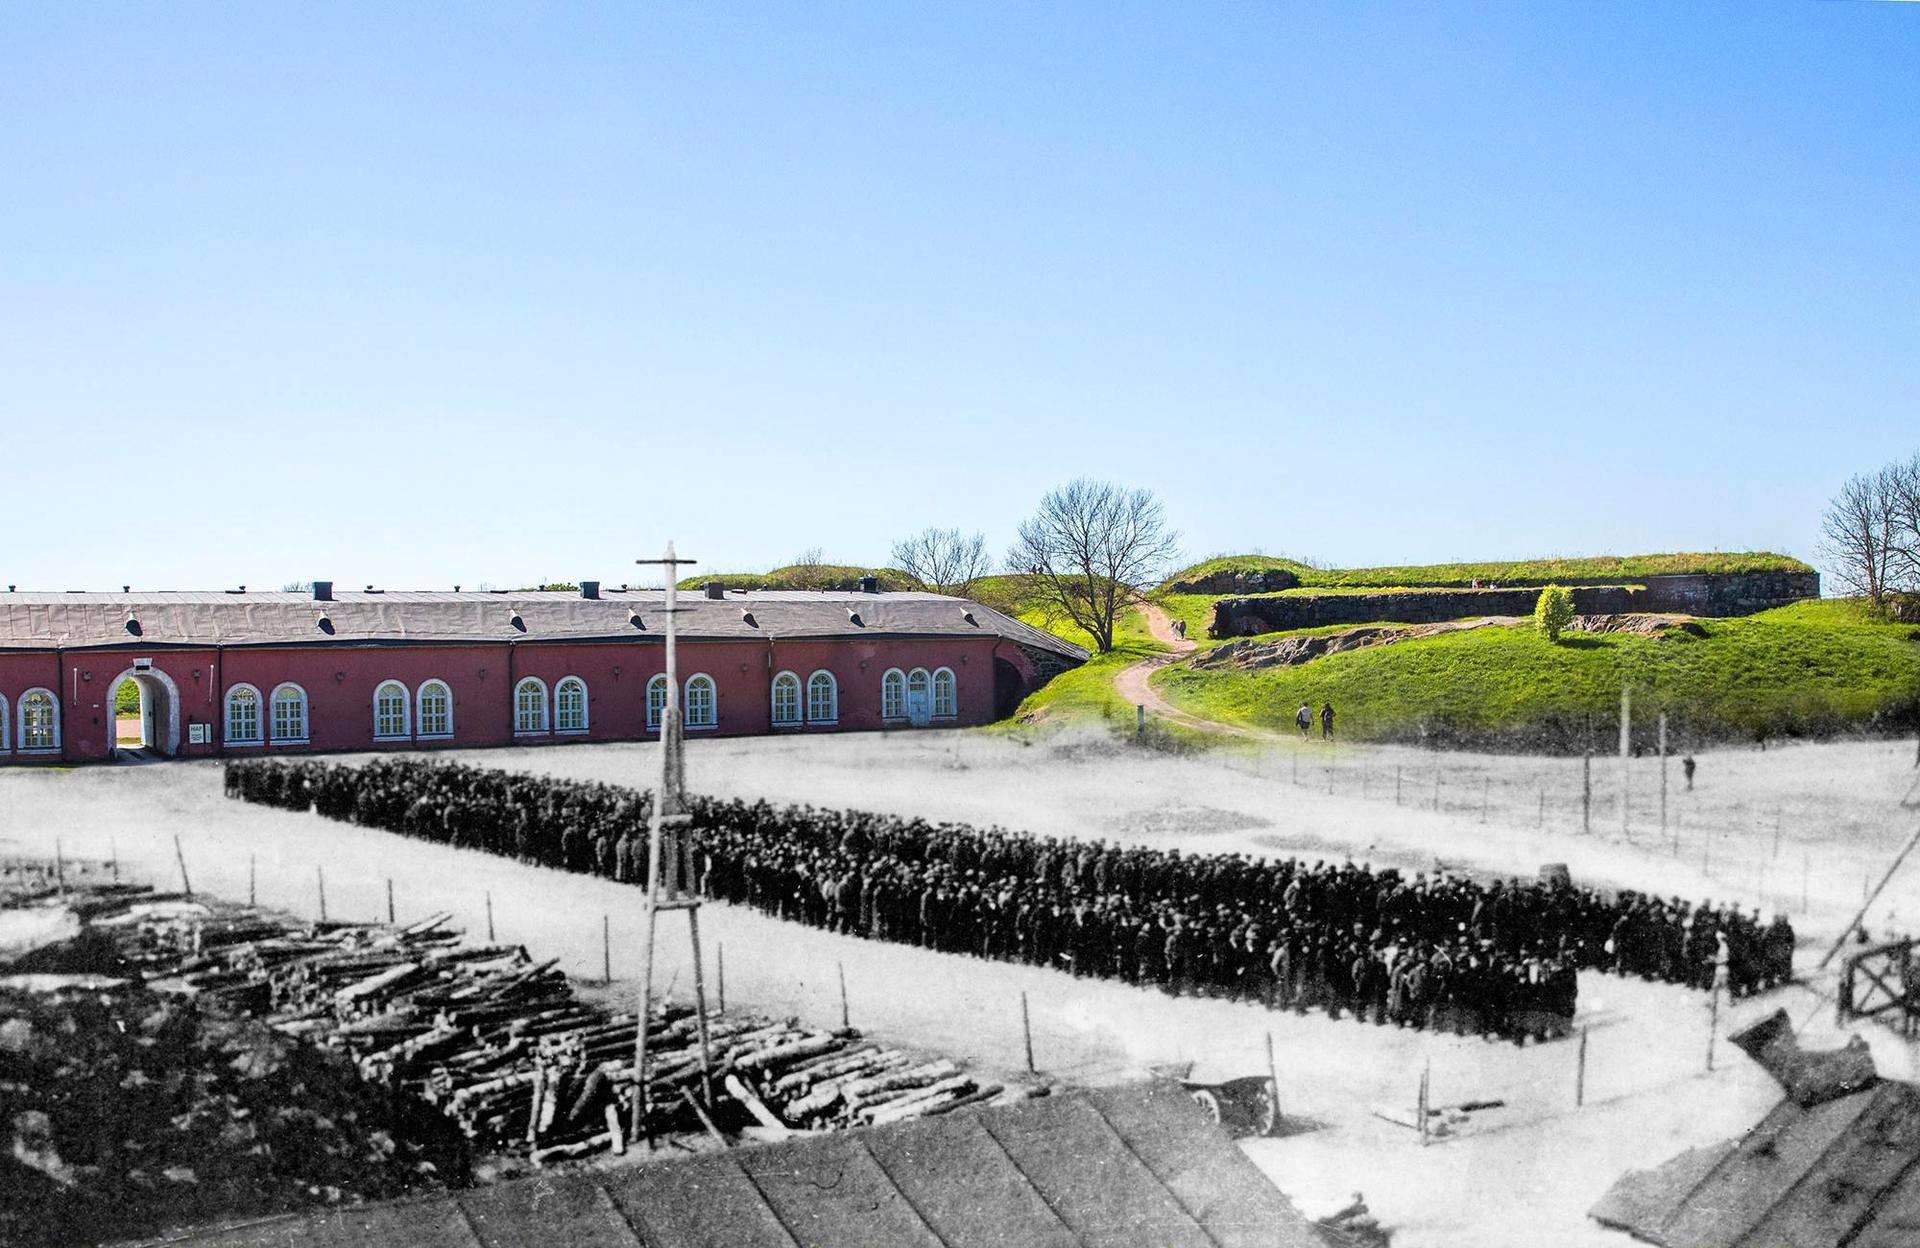 Punavankeja Suomenlinnan Susisaaressa kasarmi seitsemän edessä. Kesällä 1918 otettuun valokuvaan on yhdistetty samasta paikasta sata vuotta myöhemmin otettu kuva. Kaikki tämän kirjoituksen kuvat on tehty samalla tavalla.